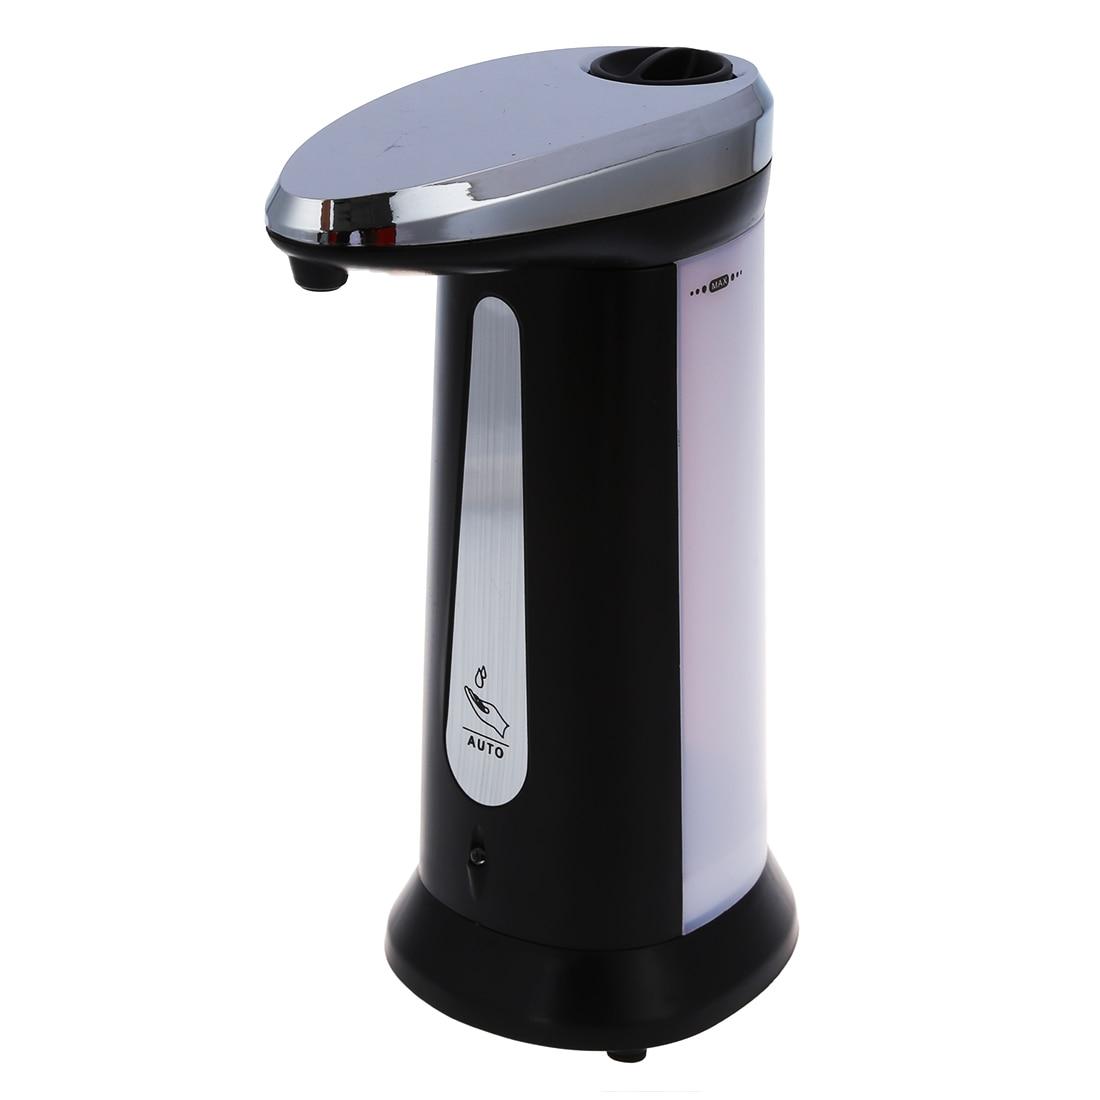 Novo Sensor Soap & Automatic Sanitizer Dispenser Touch-livre Cozinha Casa de Banho Cinzento